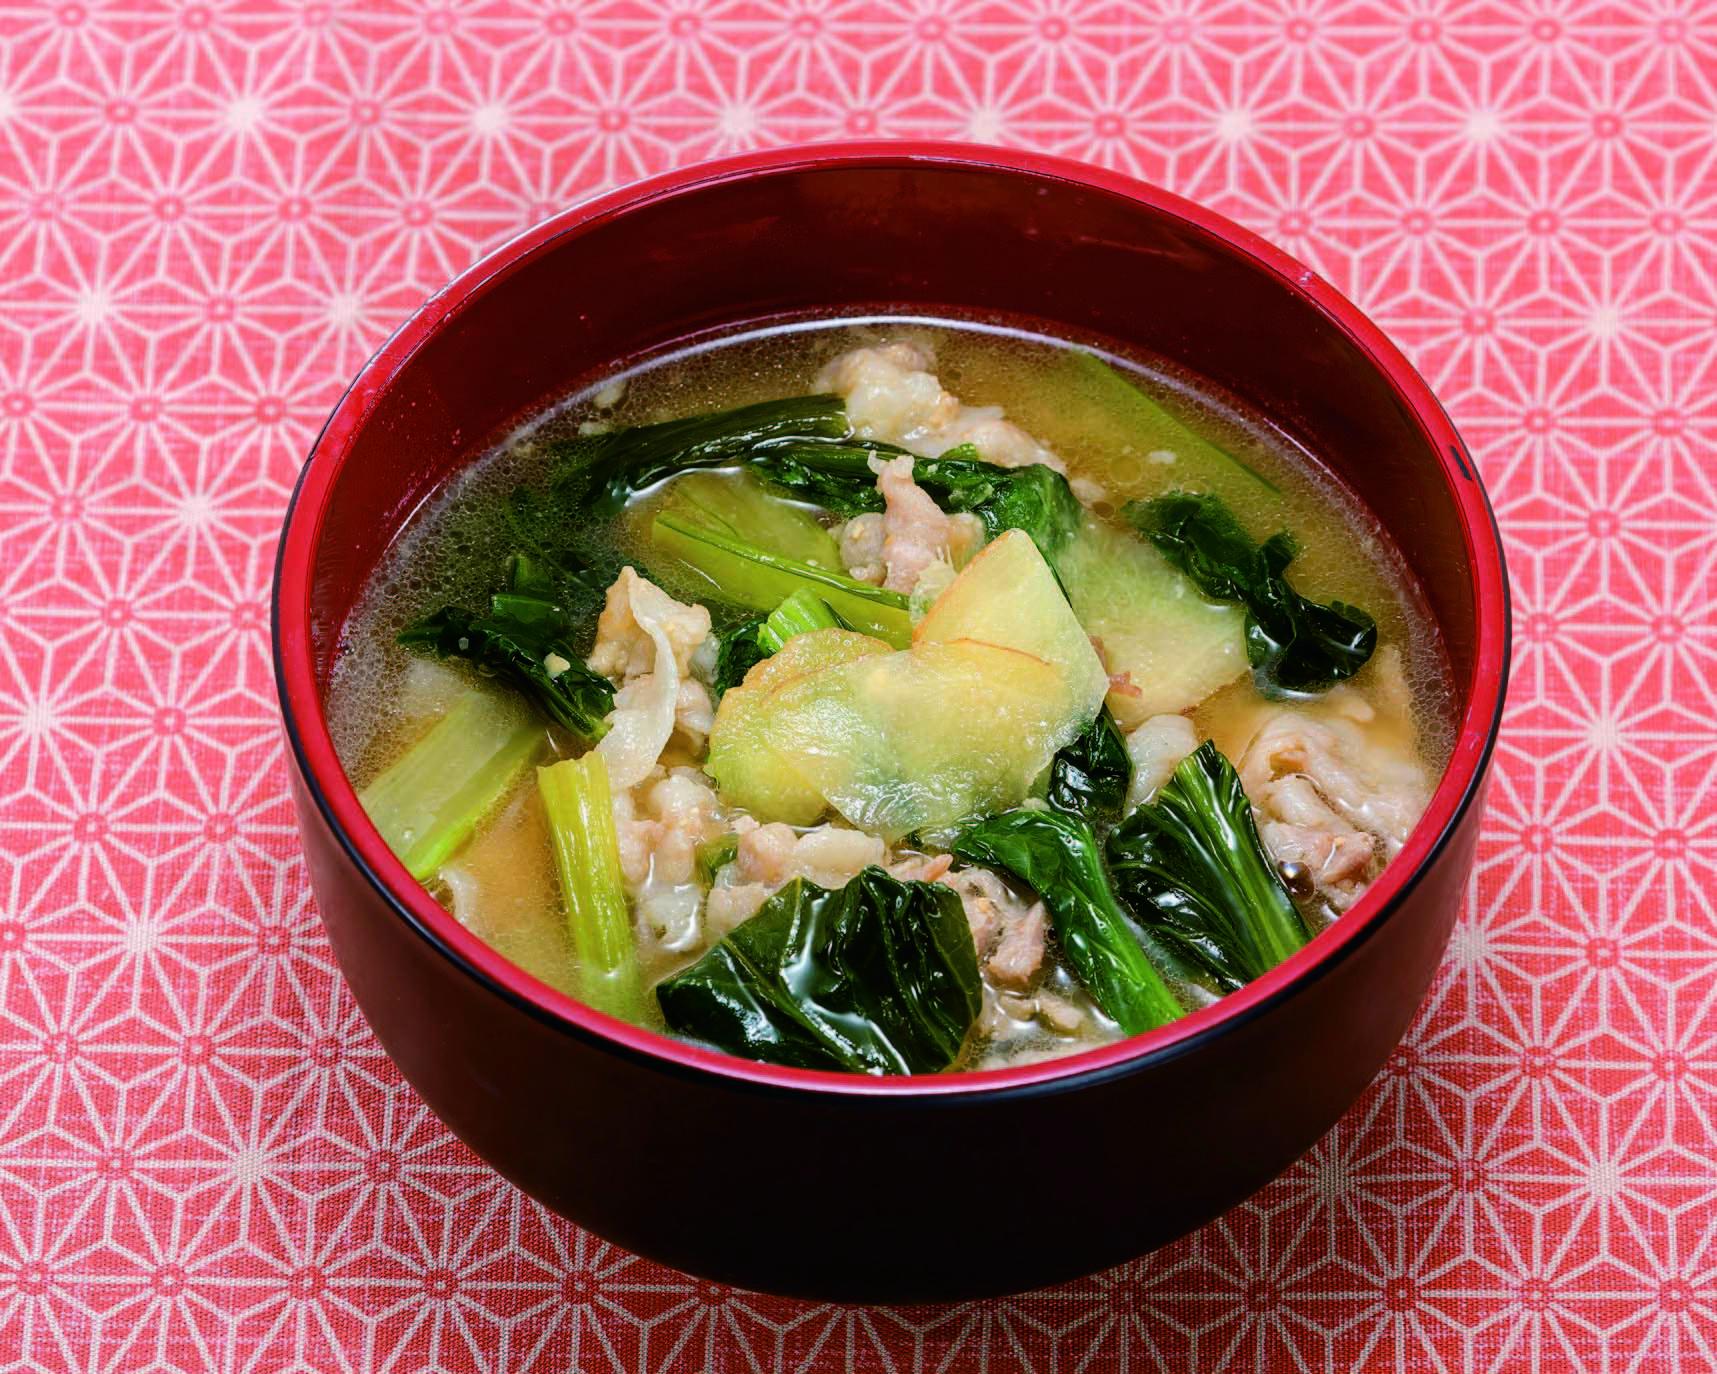 03_コマツナと酢ショウガの豚汁.jpg